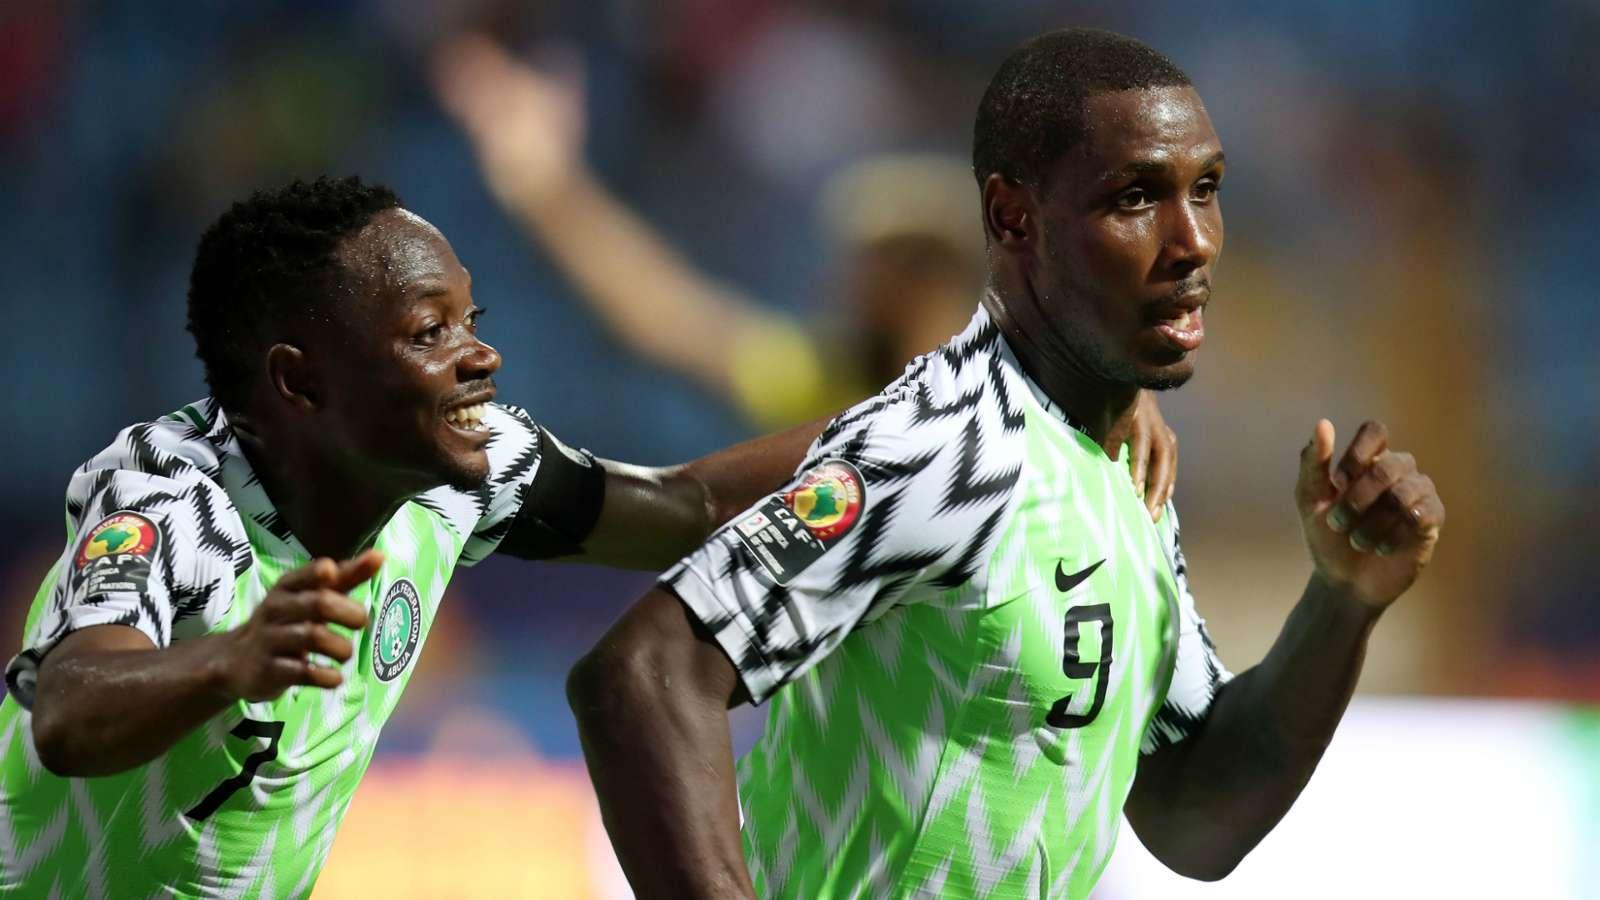 伊哈洛谈双响:谁进球不重要,帮助尼日利亚赢球最重要